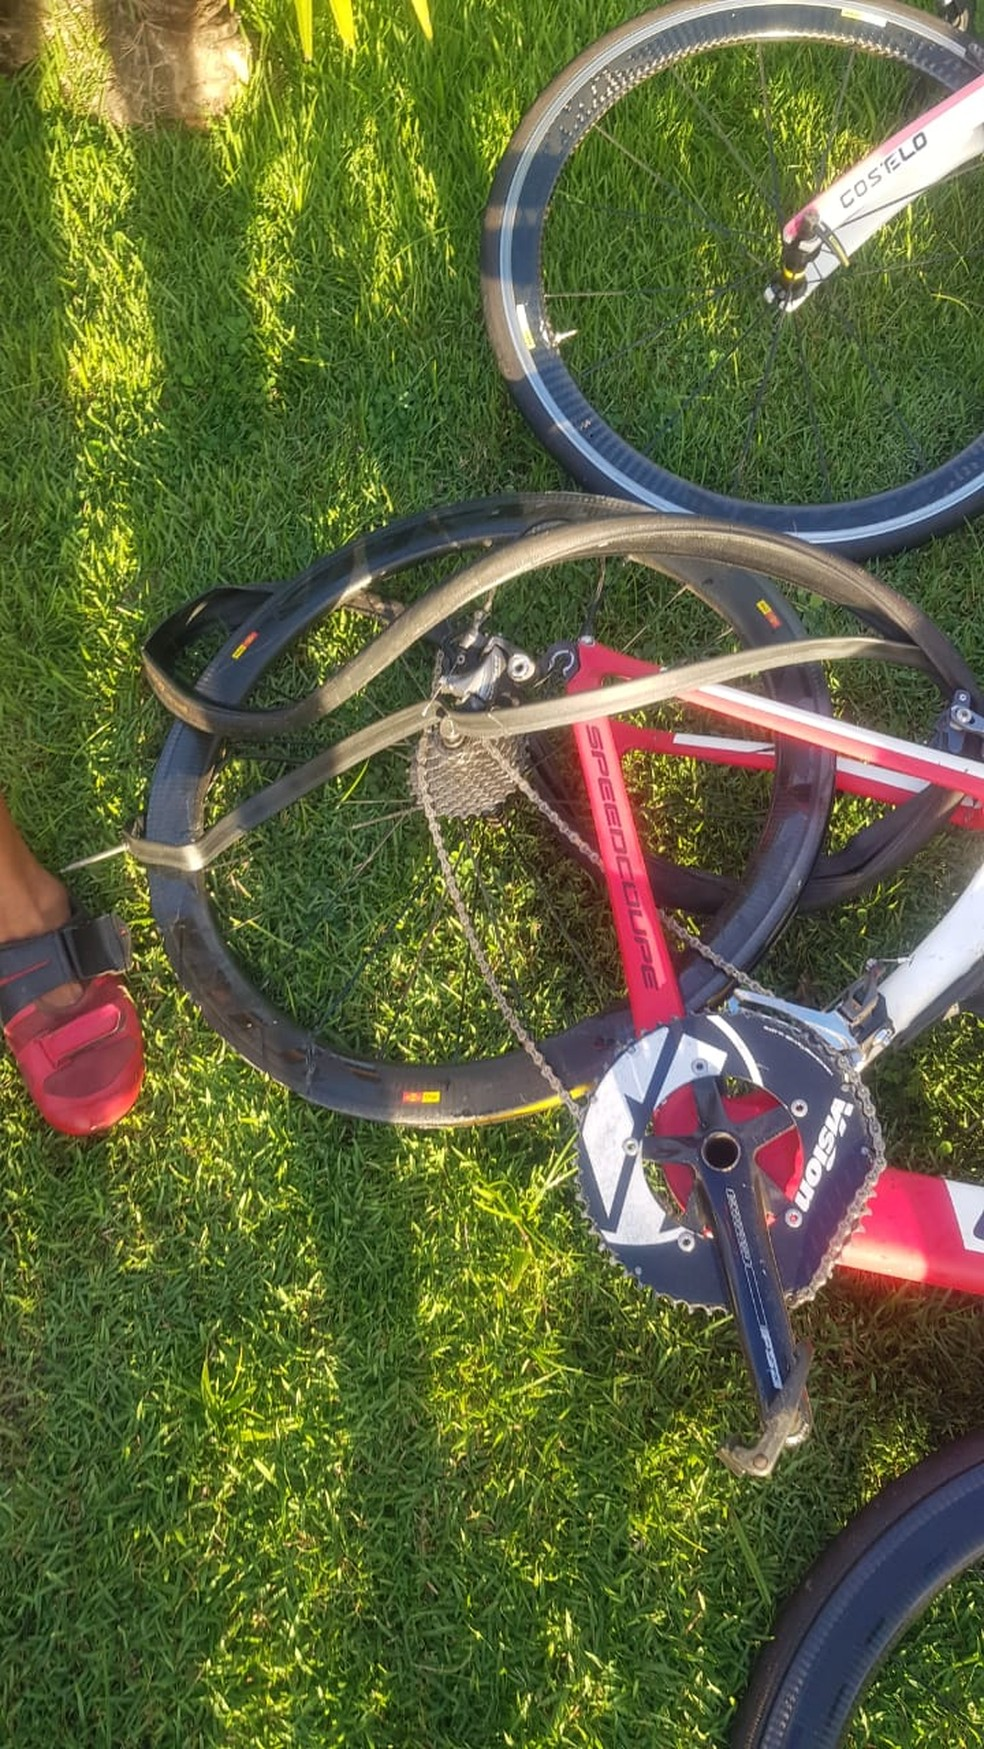 Com o acidente, bicicletas ficaram retorcidas — Foto: Reprodução